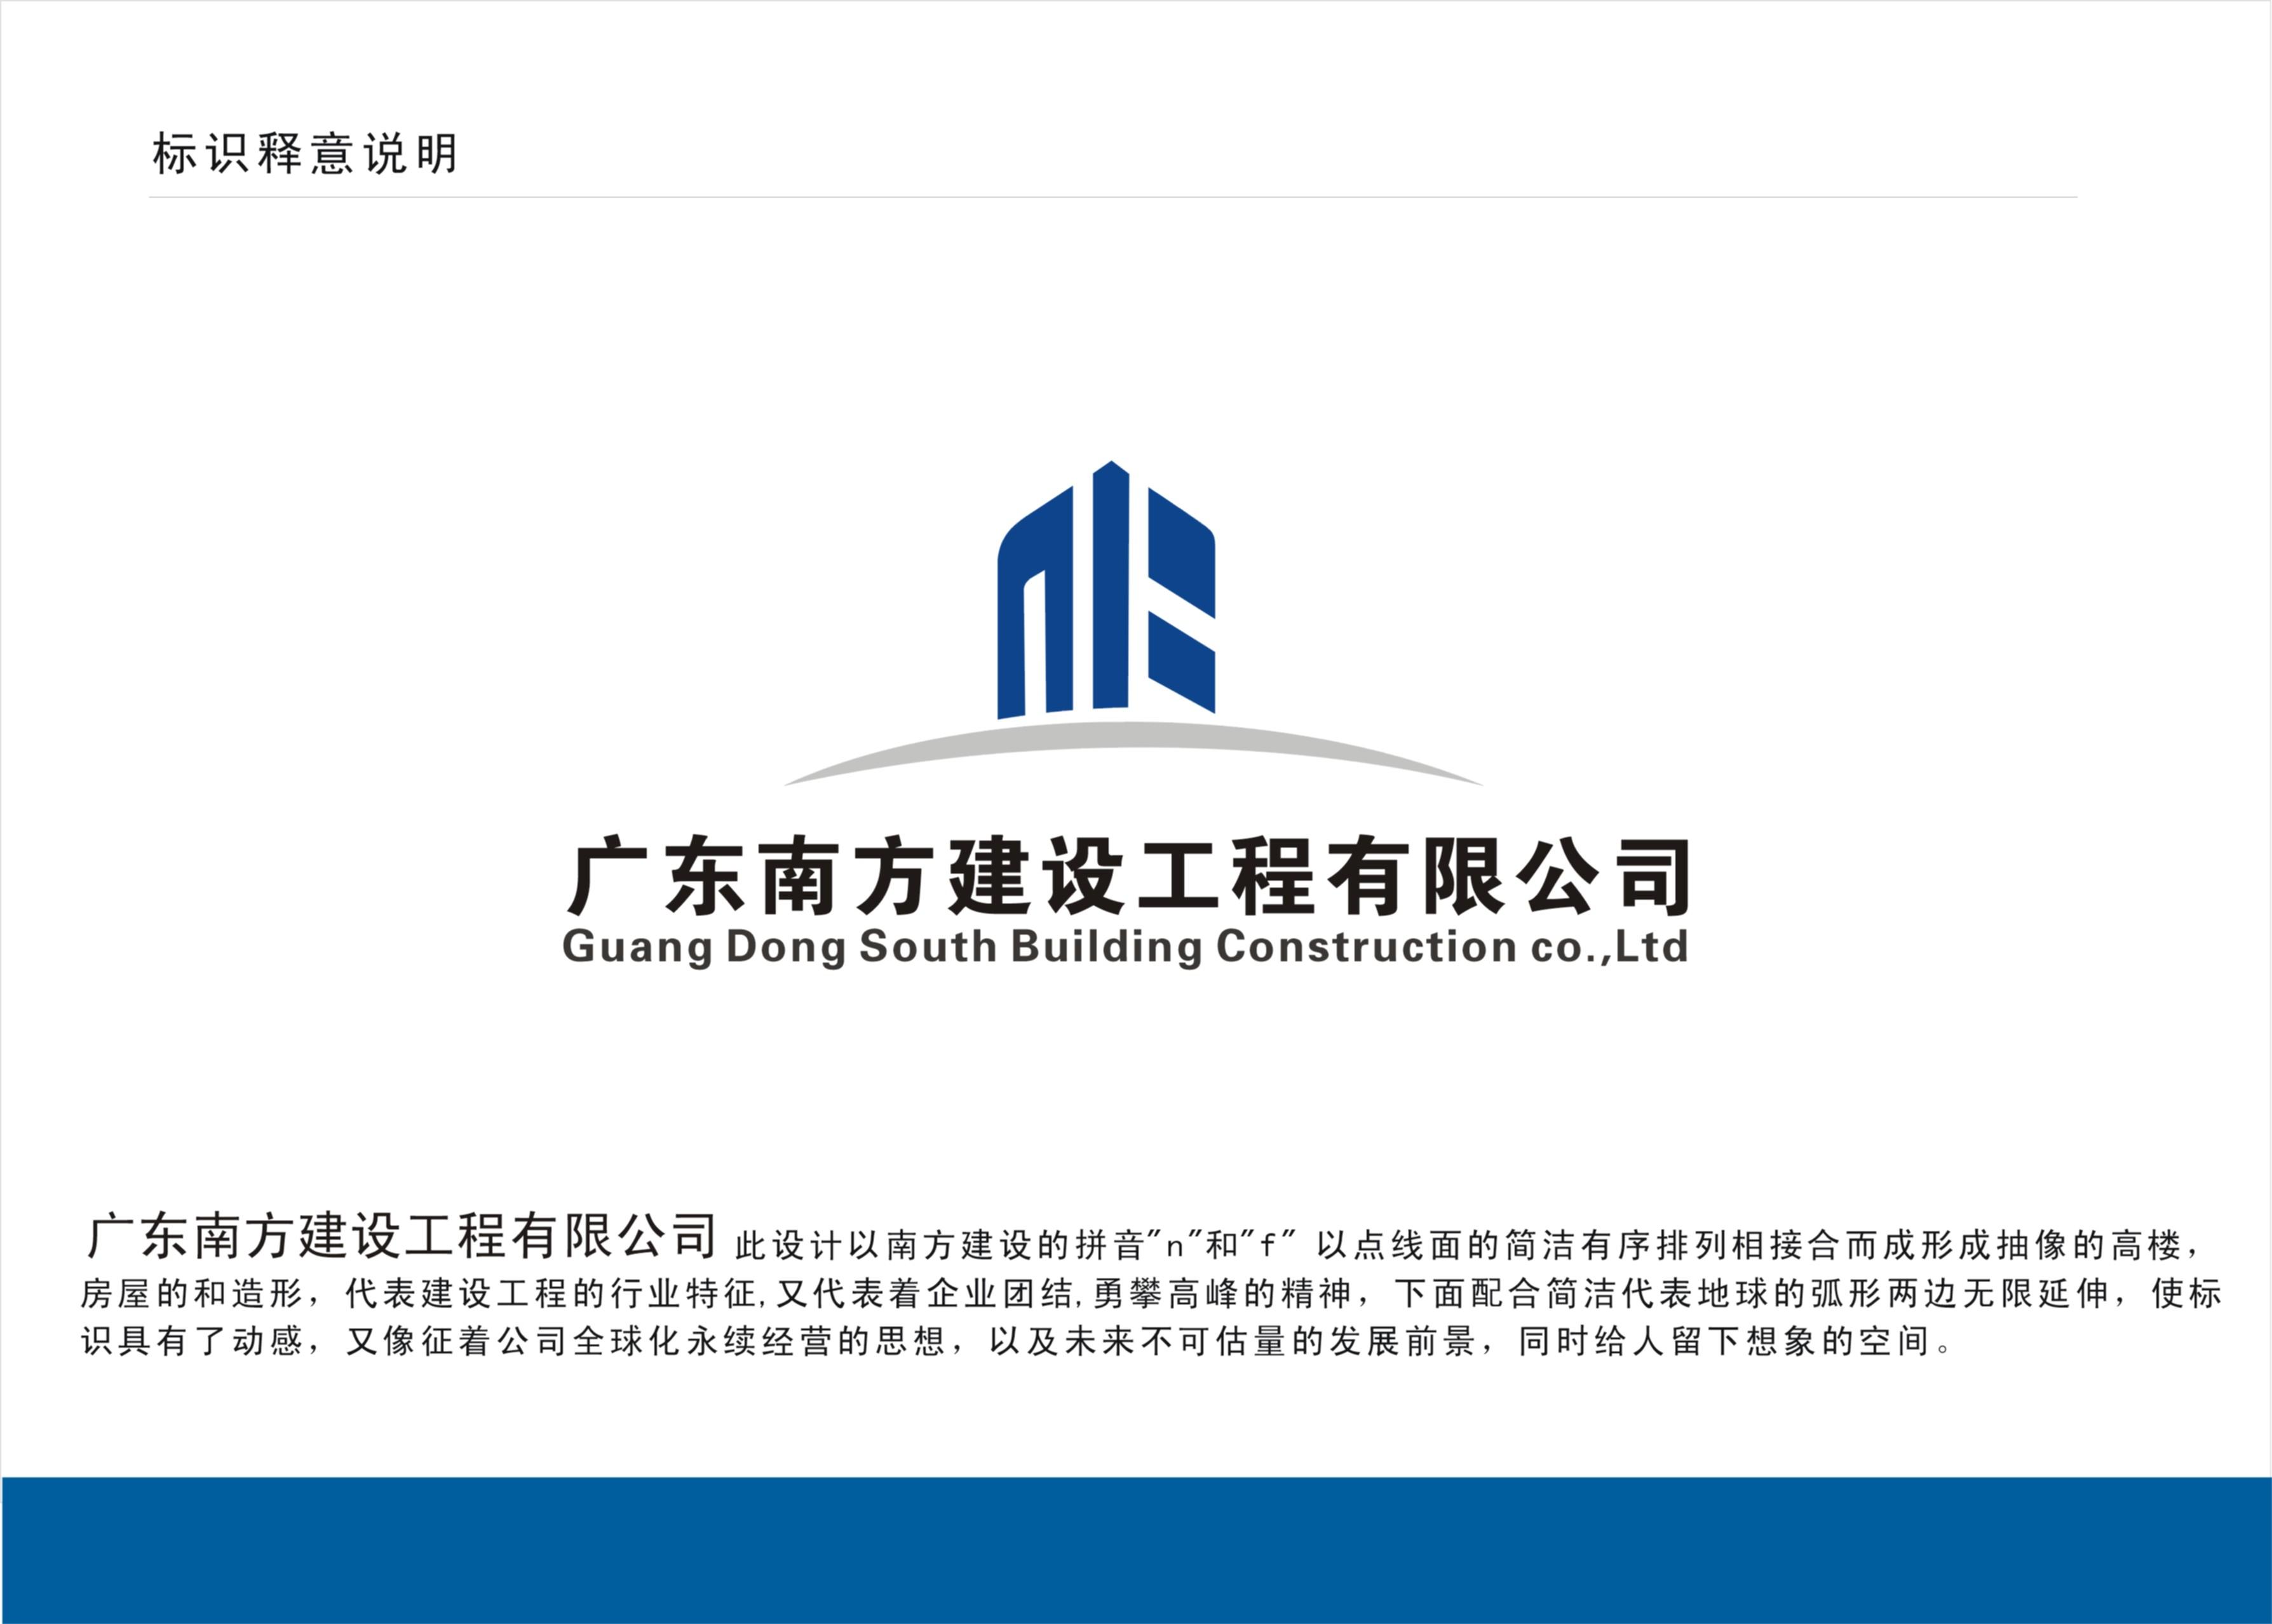 广东南方建设集团有限公司最新招聘信息